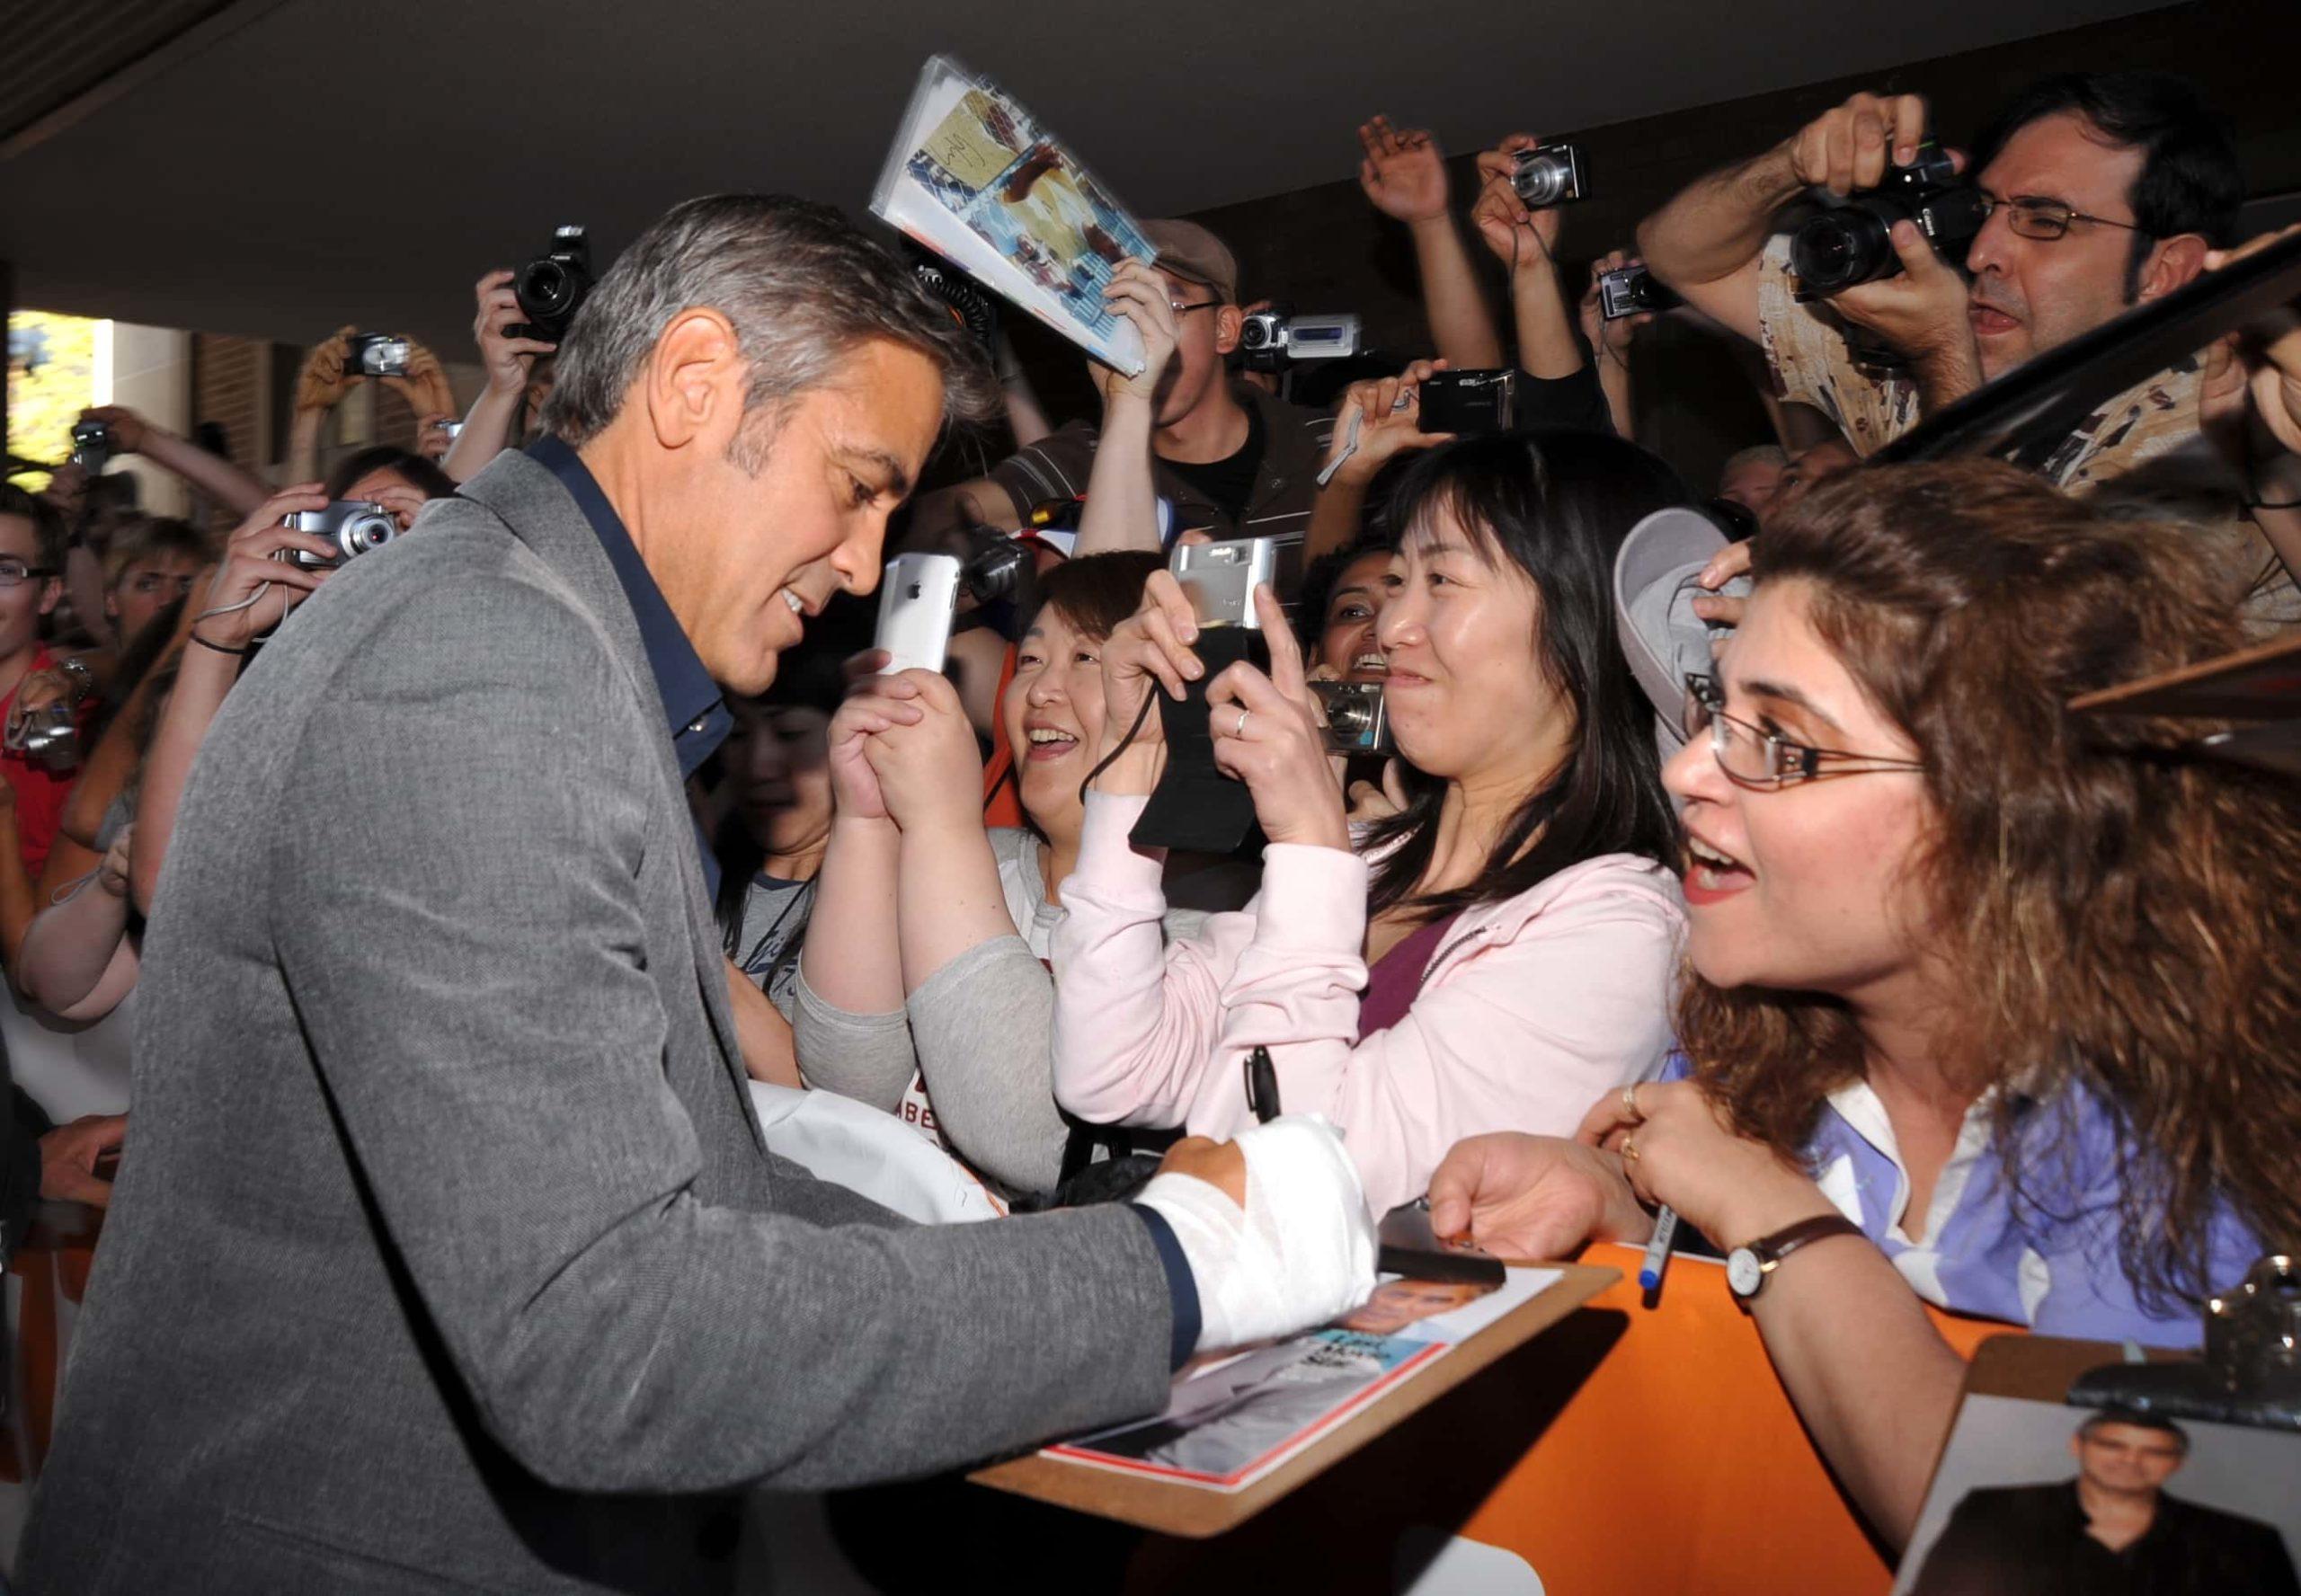 George Clooney conviviendo con los fans